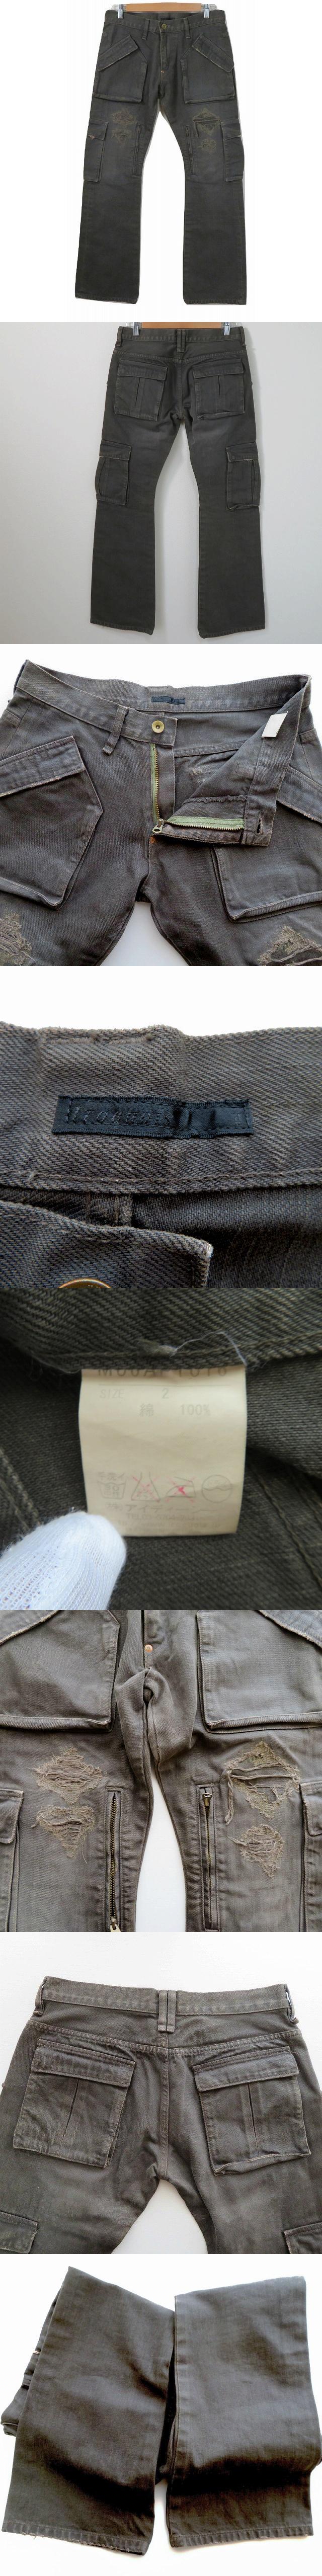 デニムカーゴパンツ 2 オリーブ 綿100% コットン 日本製 ポケット ジッパーフライ ダメージ加工 ボトムス